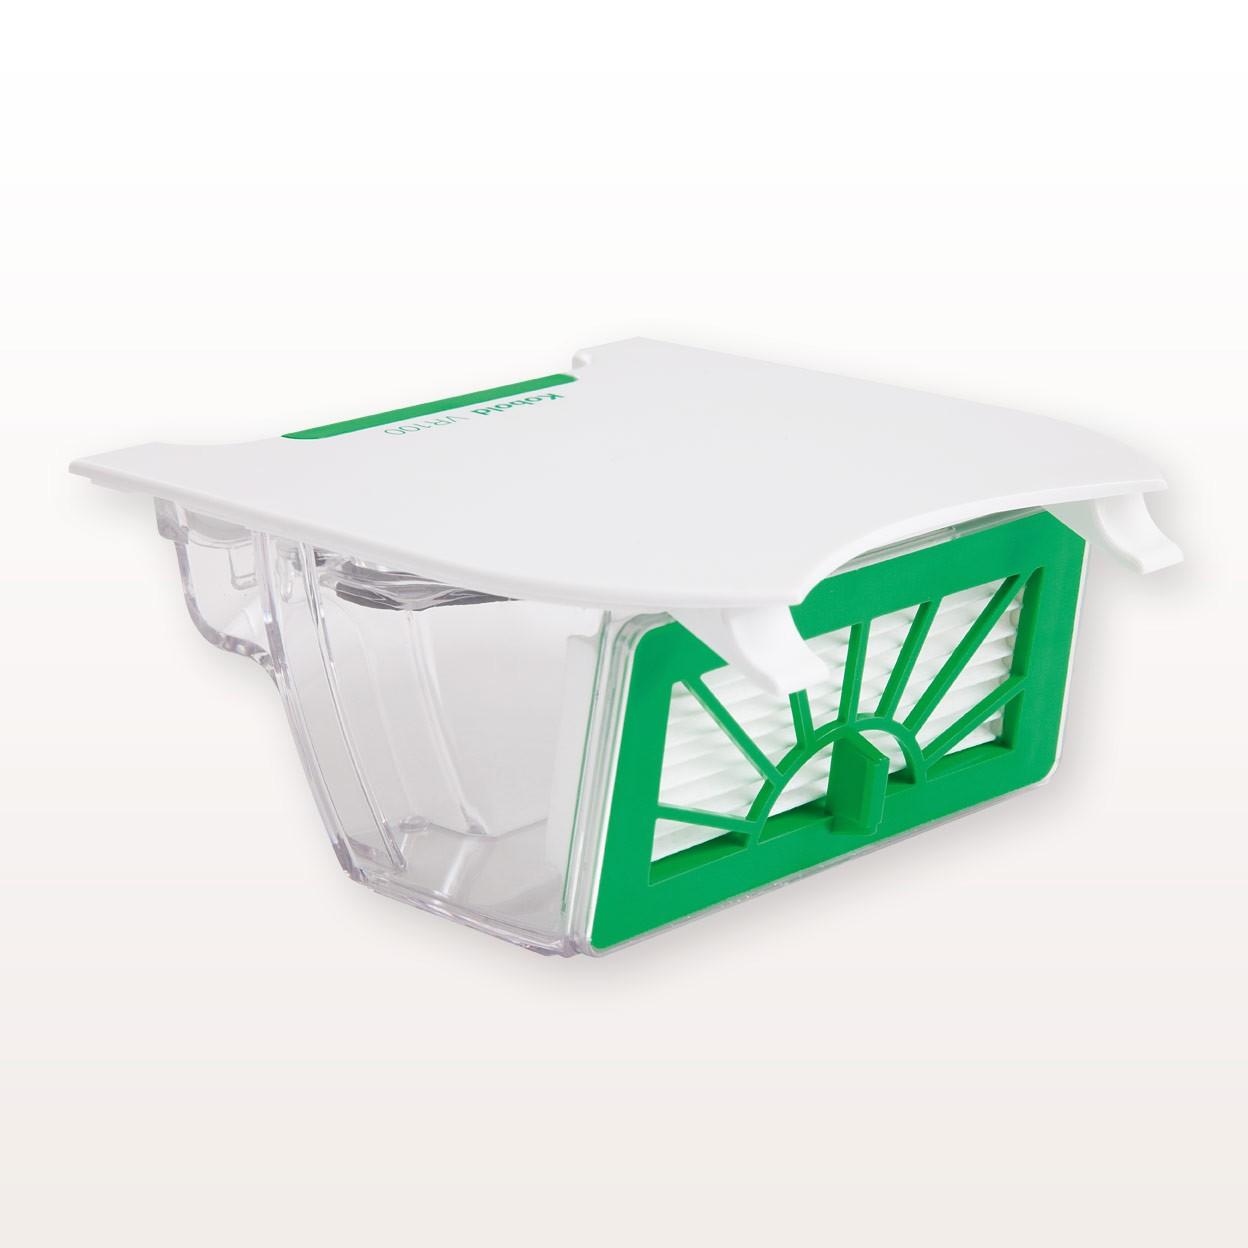 vr100 dust container vorwerk vacuum cleaner from vk direct kobold. Black Bedroom Furniture Sets. Home Design Ideas